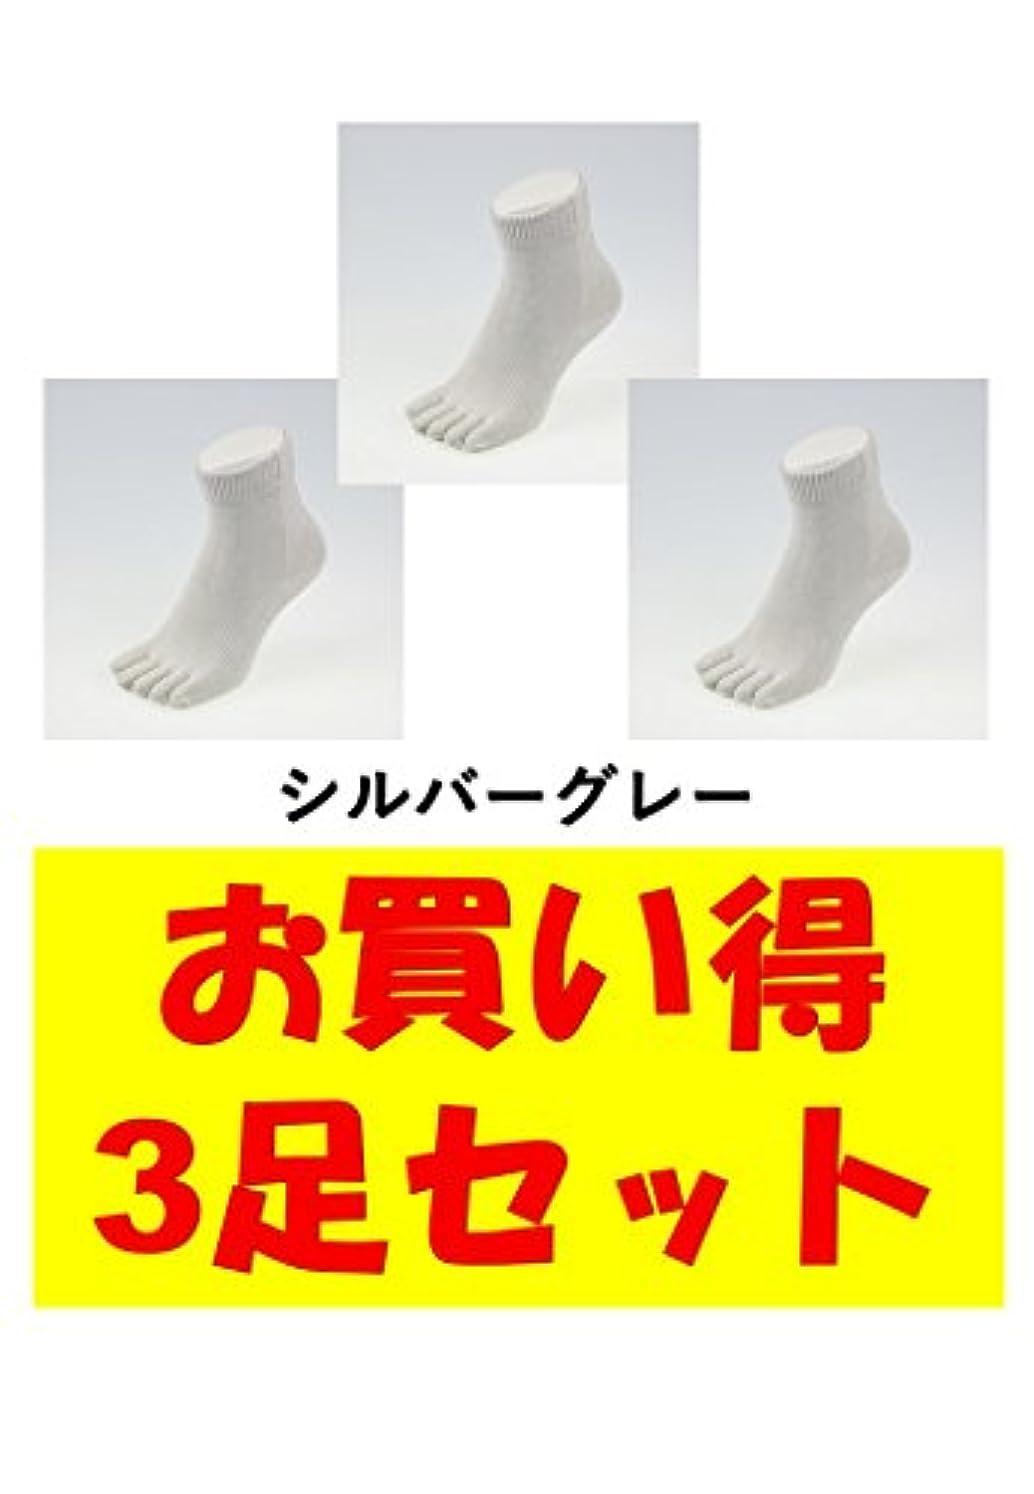 動かない病な霧深いお買い得3足セット 5本指 ゆびのばソックス Neo EVE(イヴ) シルバーグレー iサイズ(23.5cm - 25.5cm) YSNEVE-SGL